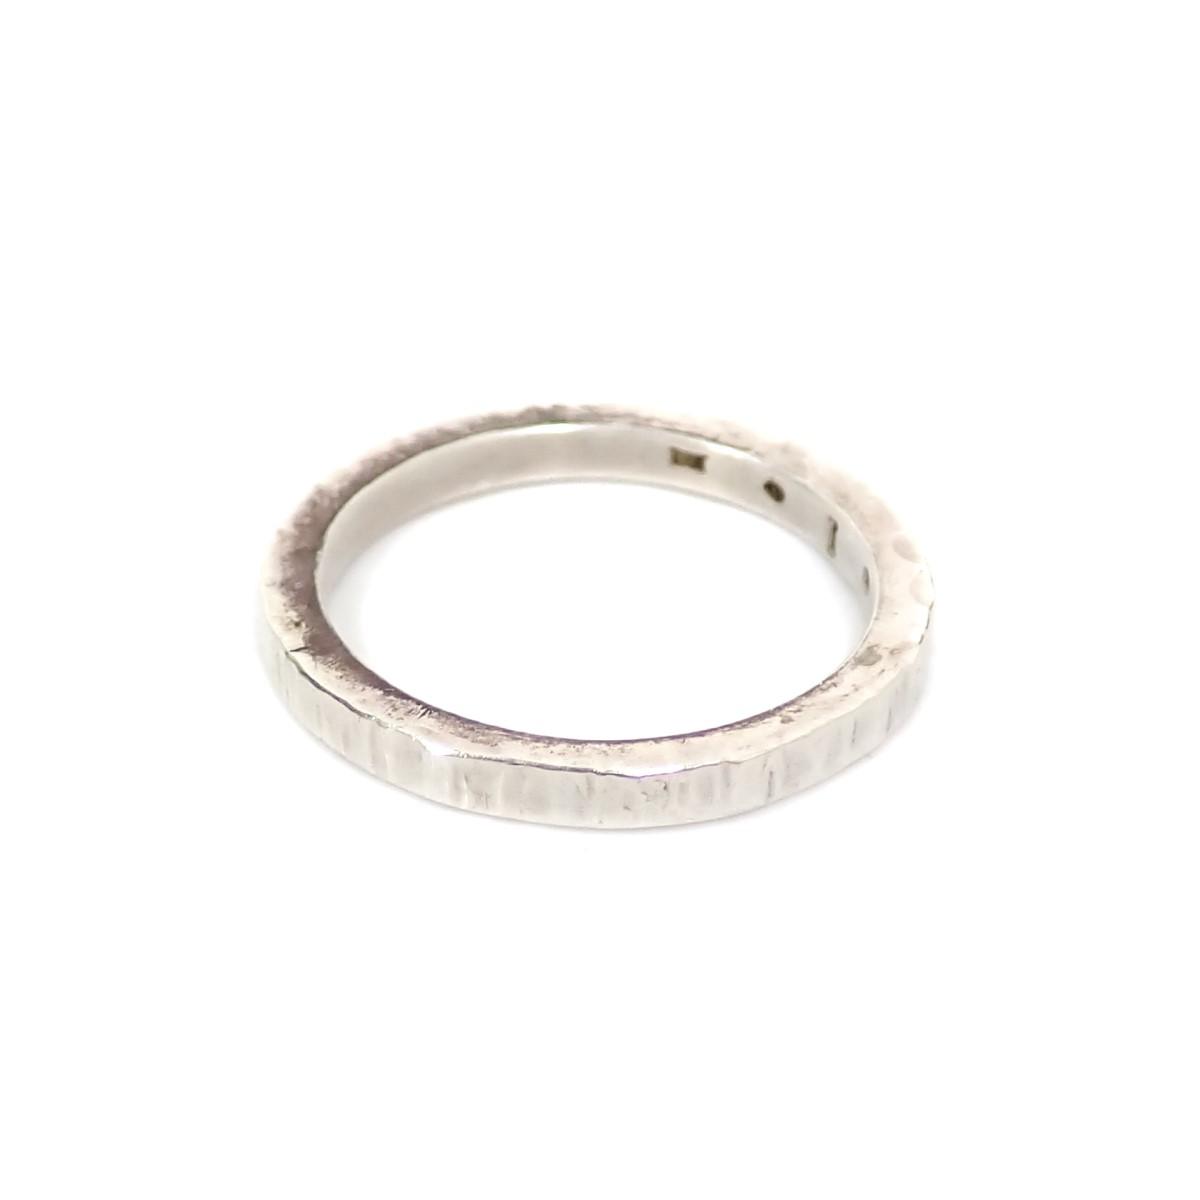 レディースジュエリー・アクセサリー, 指輪・リング iolom 12 031021